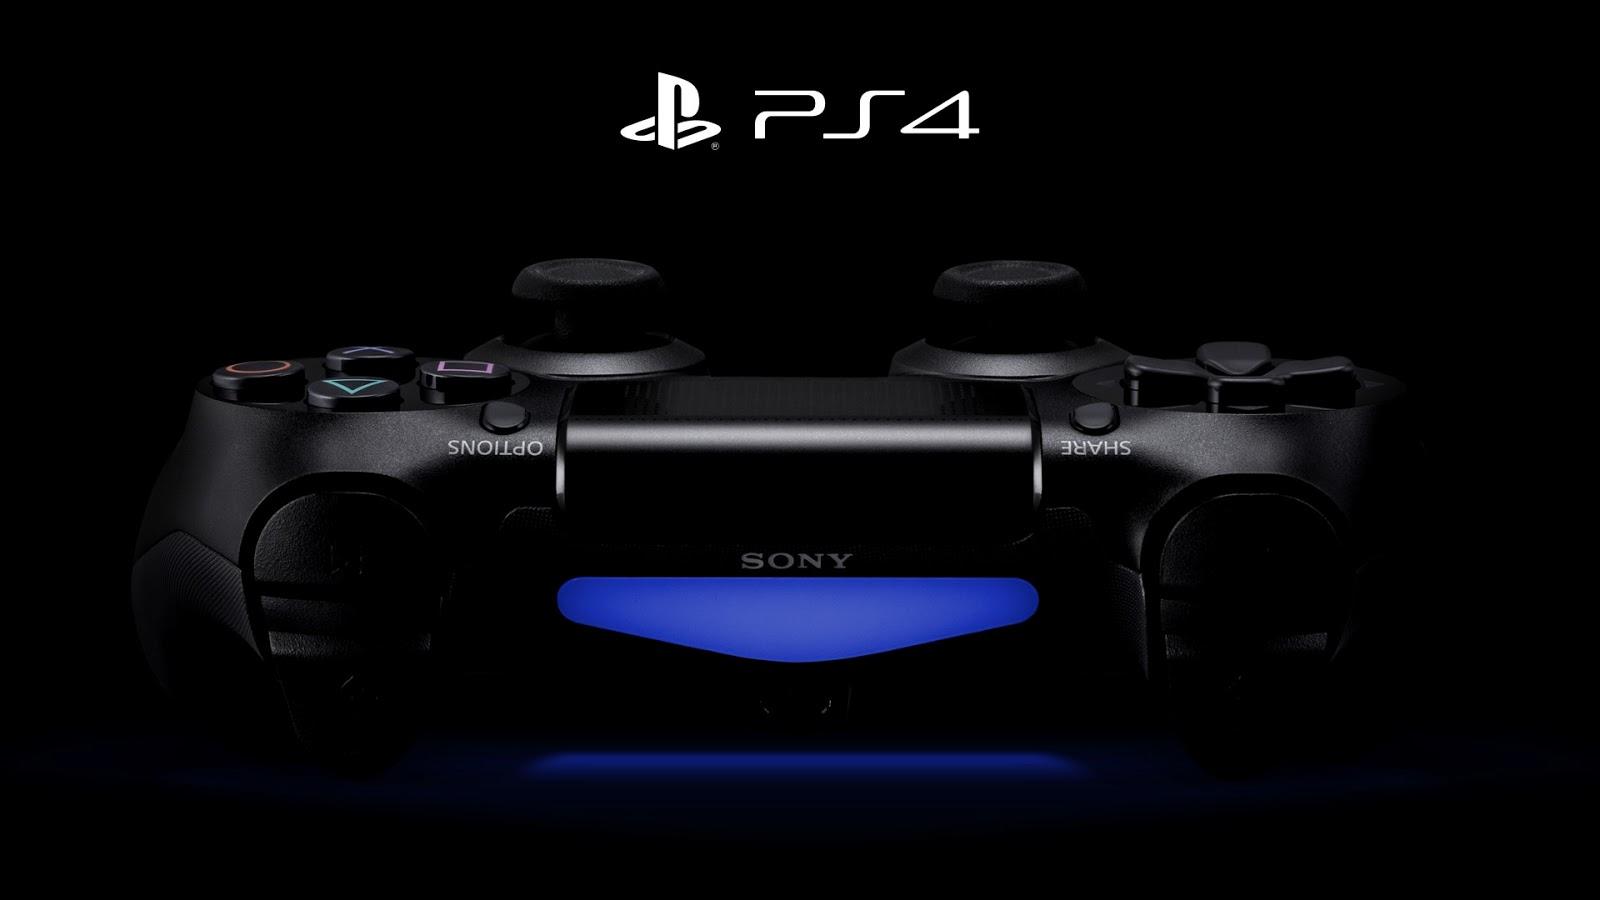 PS4 Logo Wallpaper 1600x900